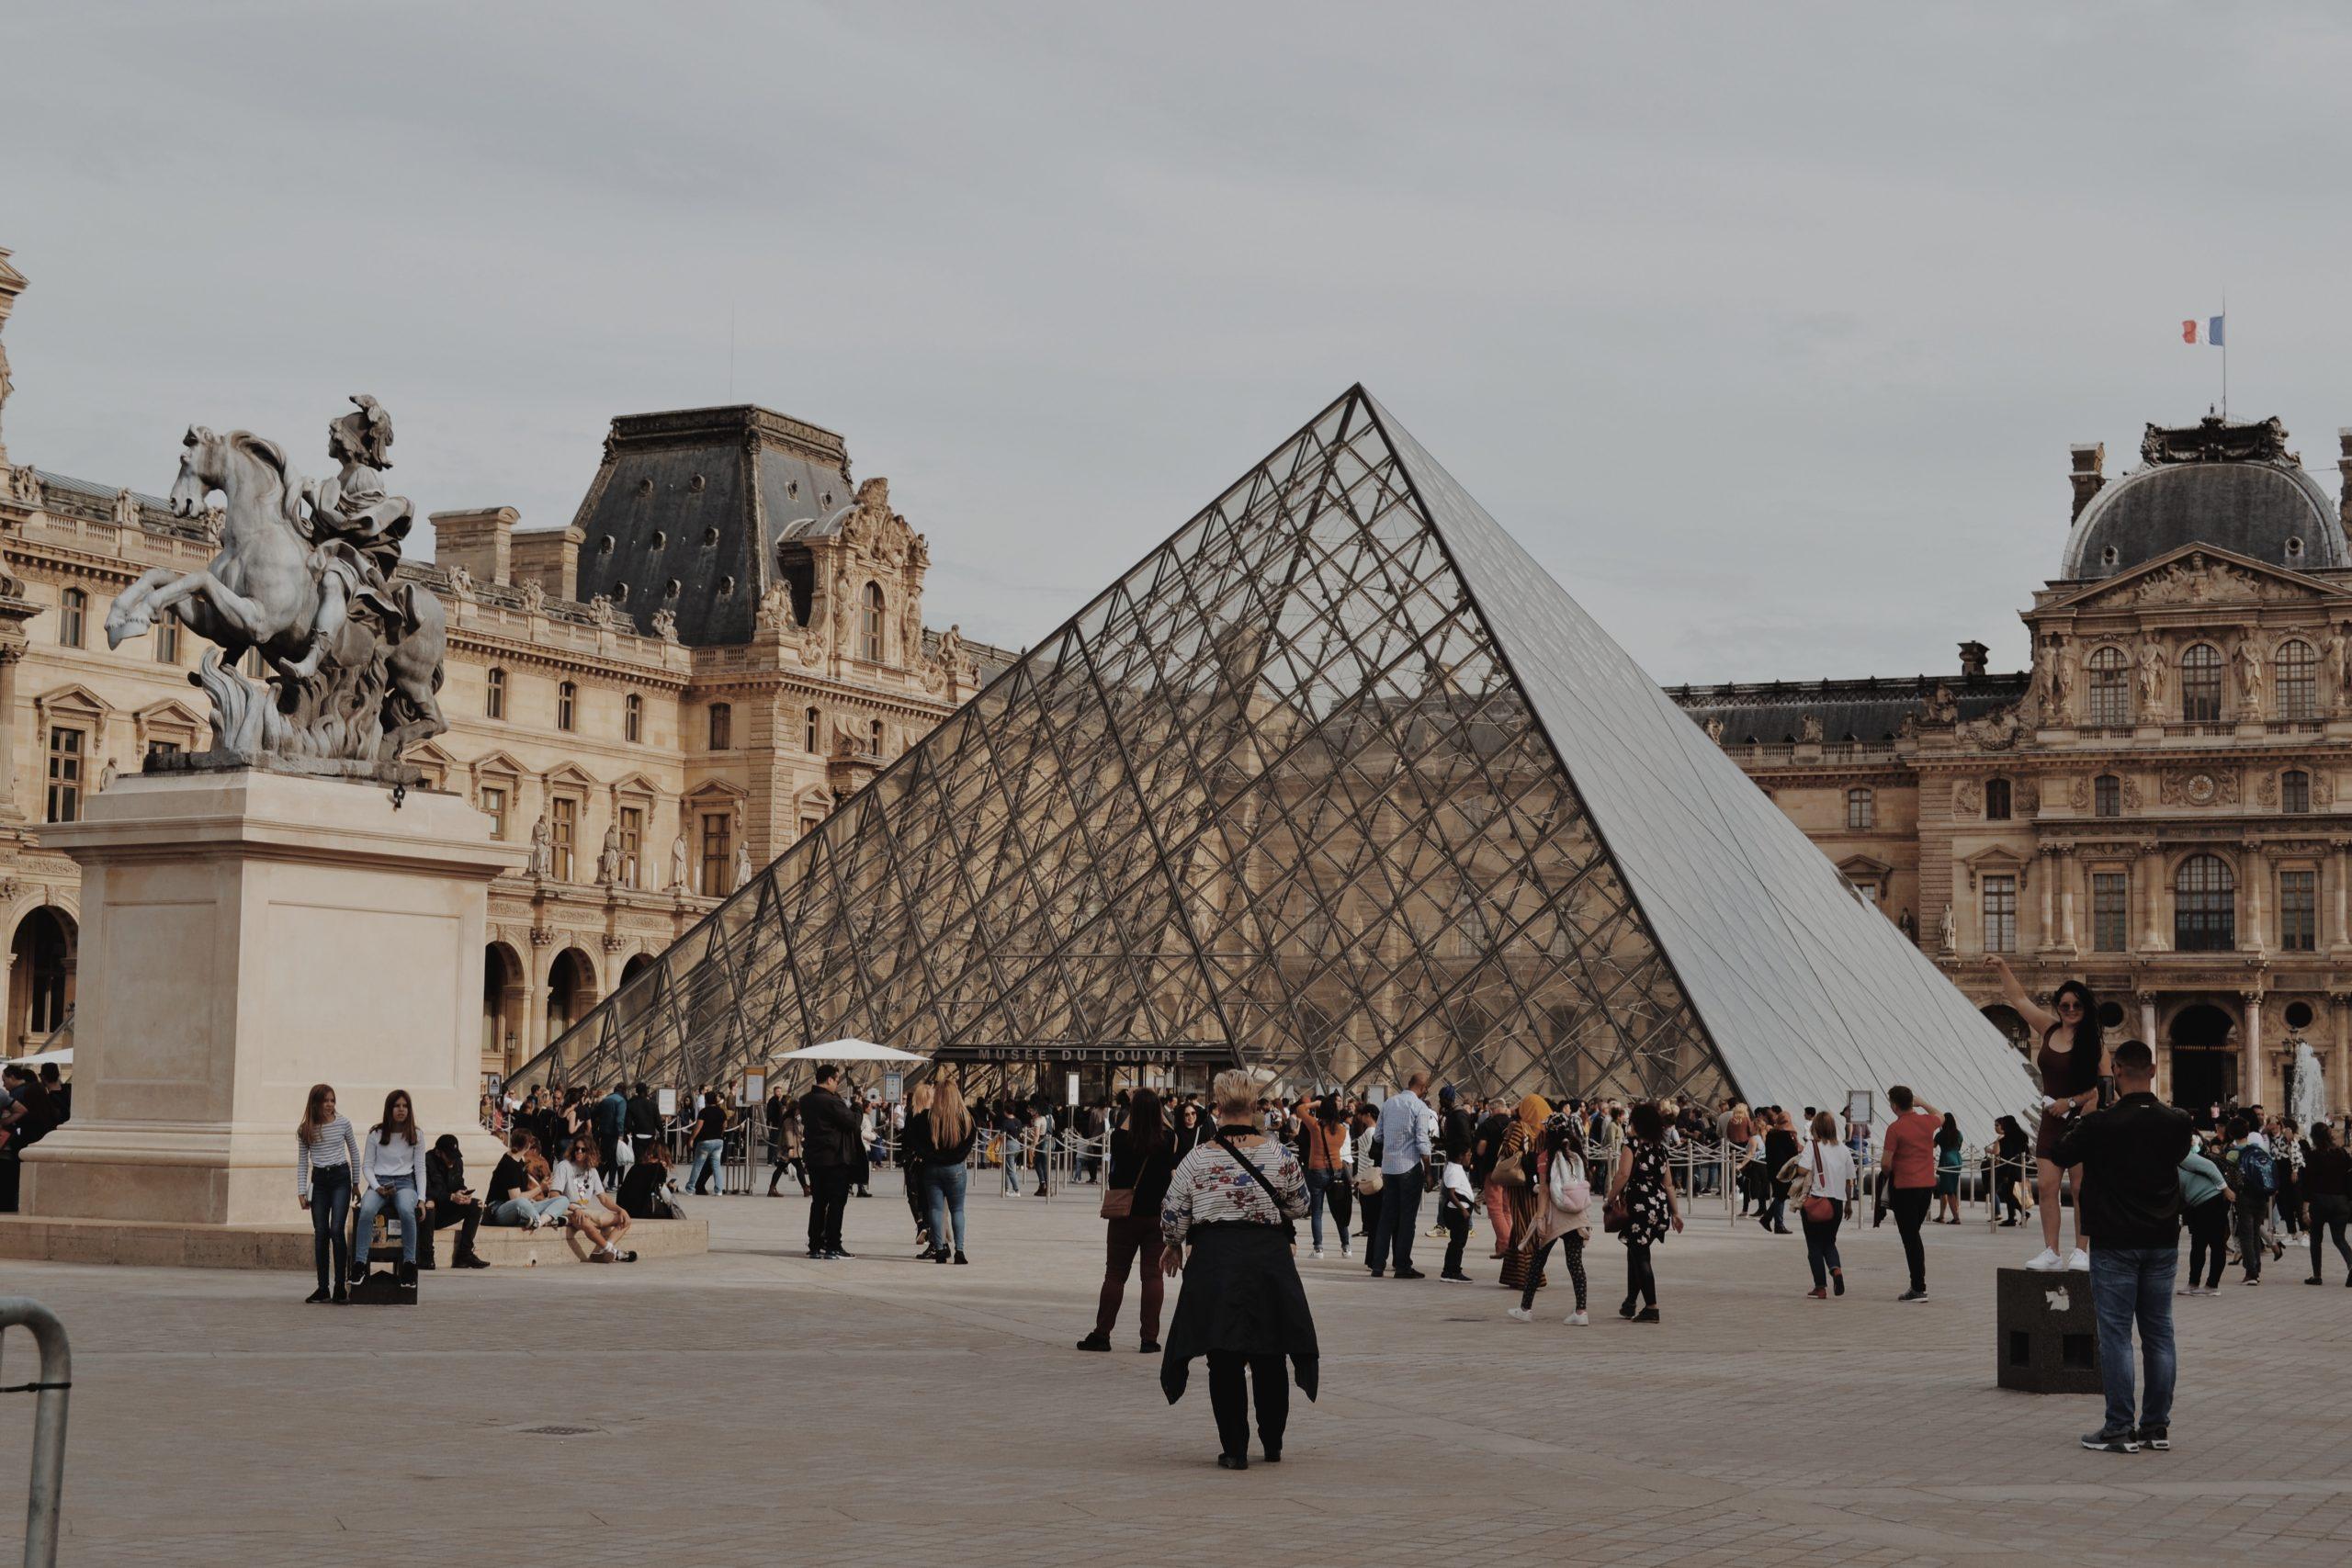 Quels sont les endroits intéressants à visiter en France ?